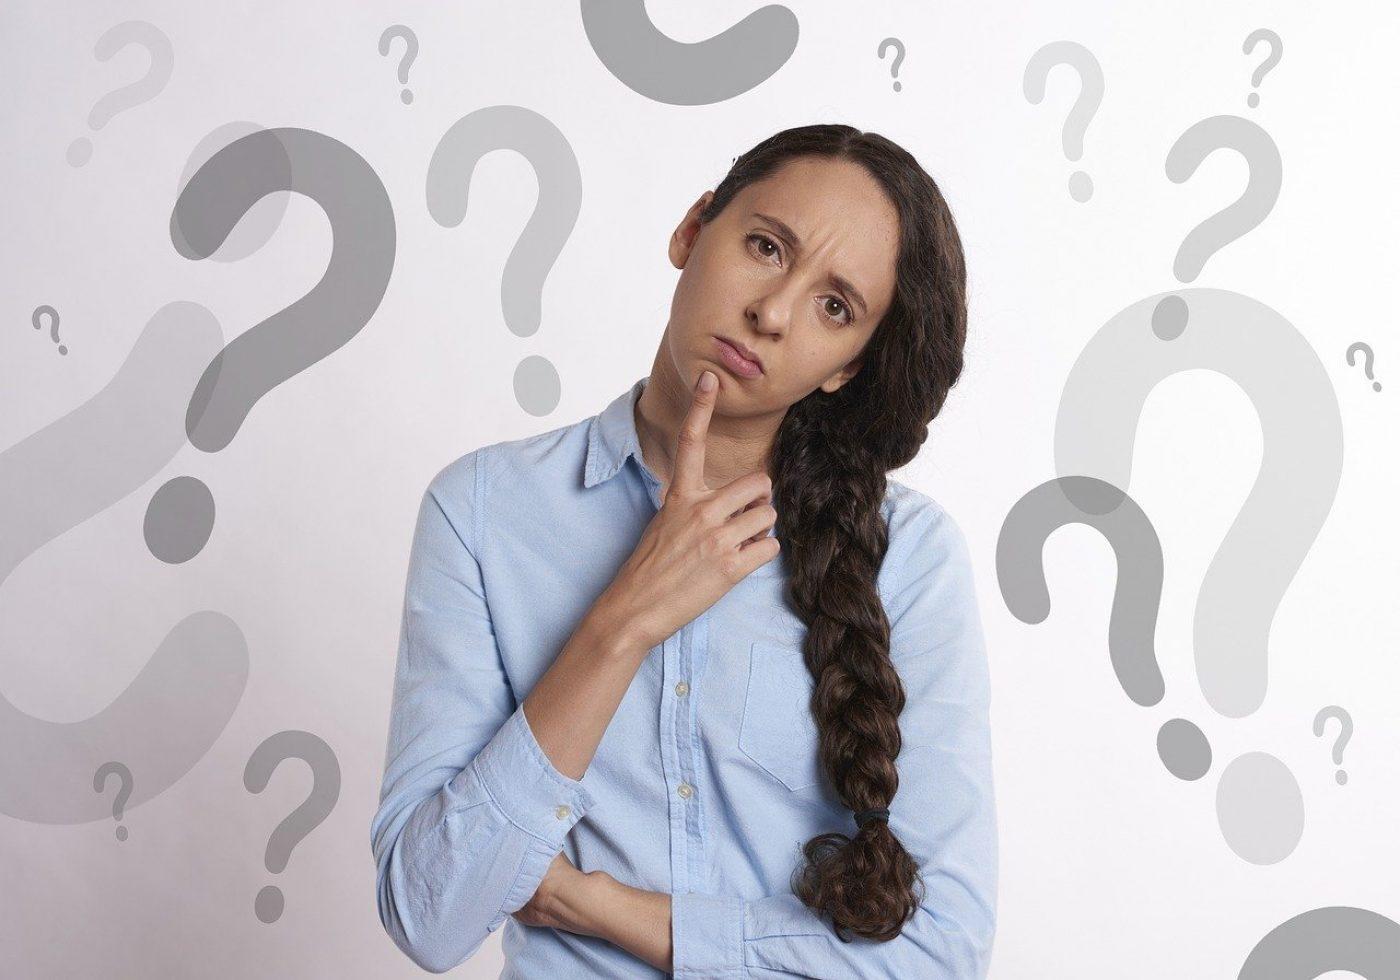 מה עדיף ביטוח חיים חד פעמי או ביטוח חיים חודשי?